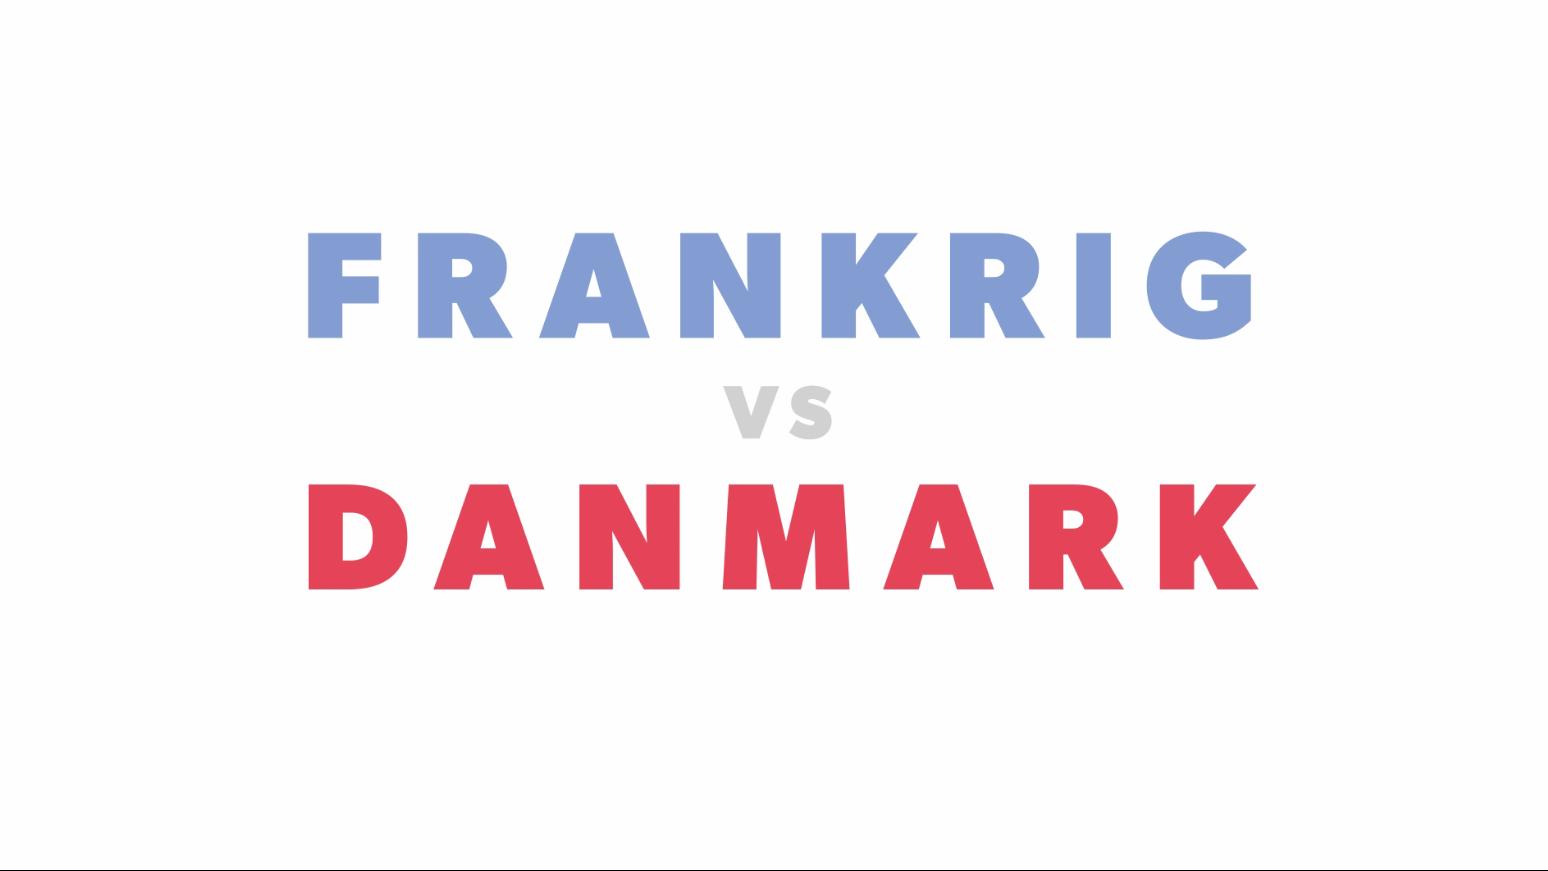 Frankrig versus Danmark